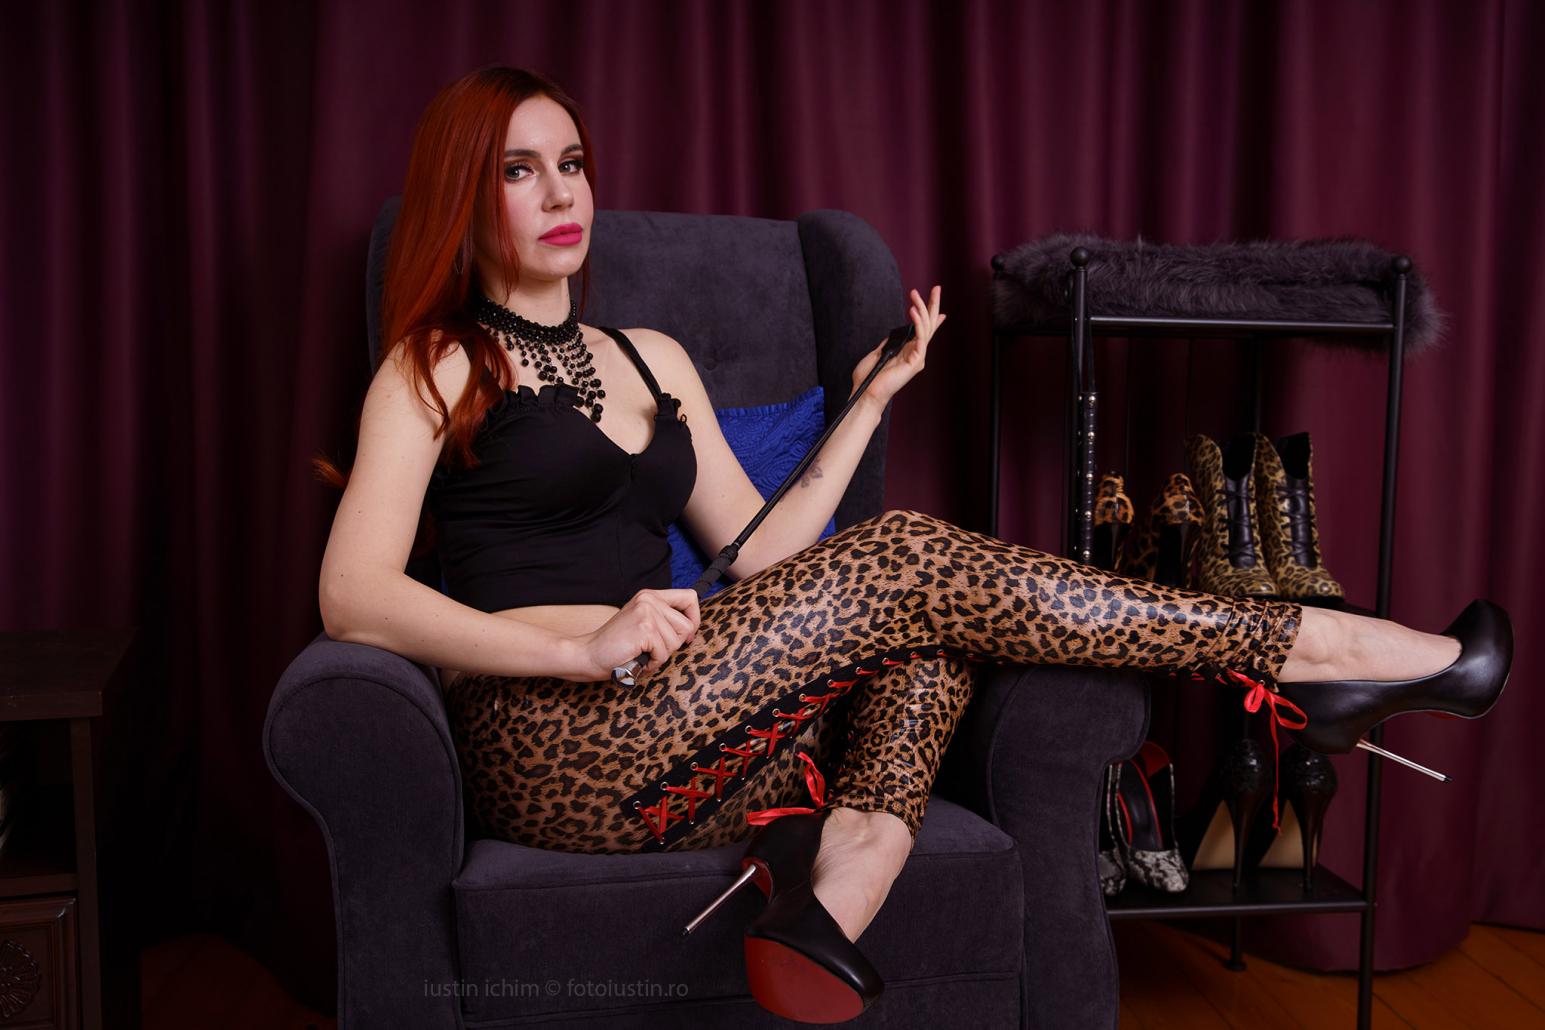 Sedinta foto videochat fetish